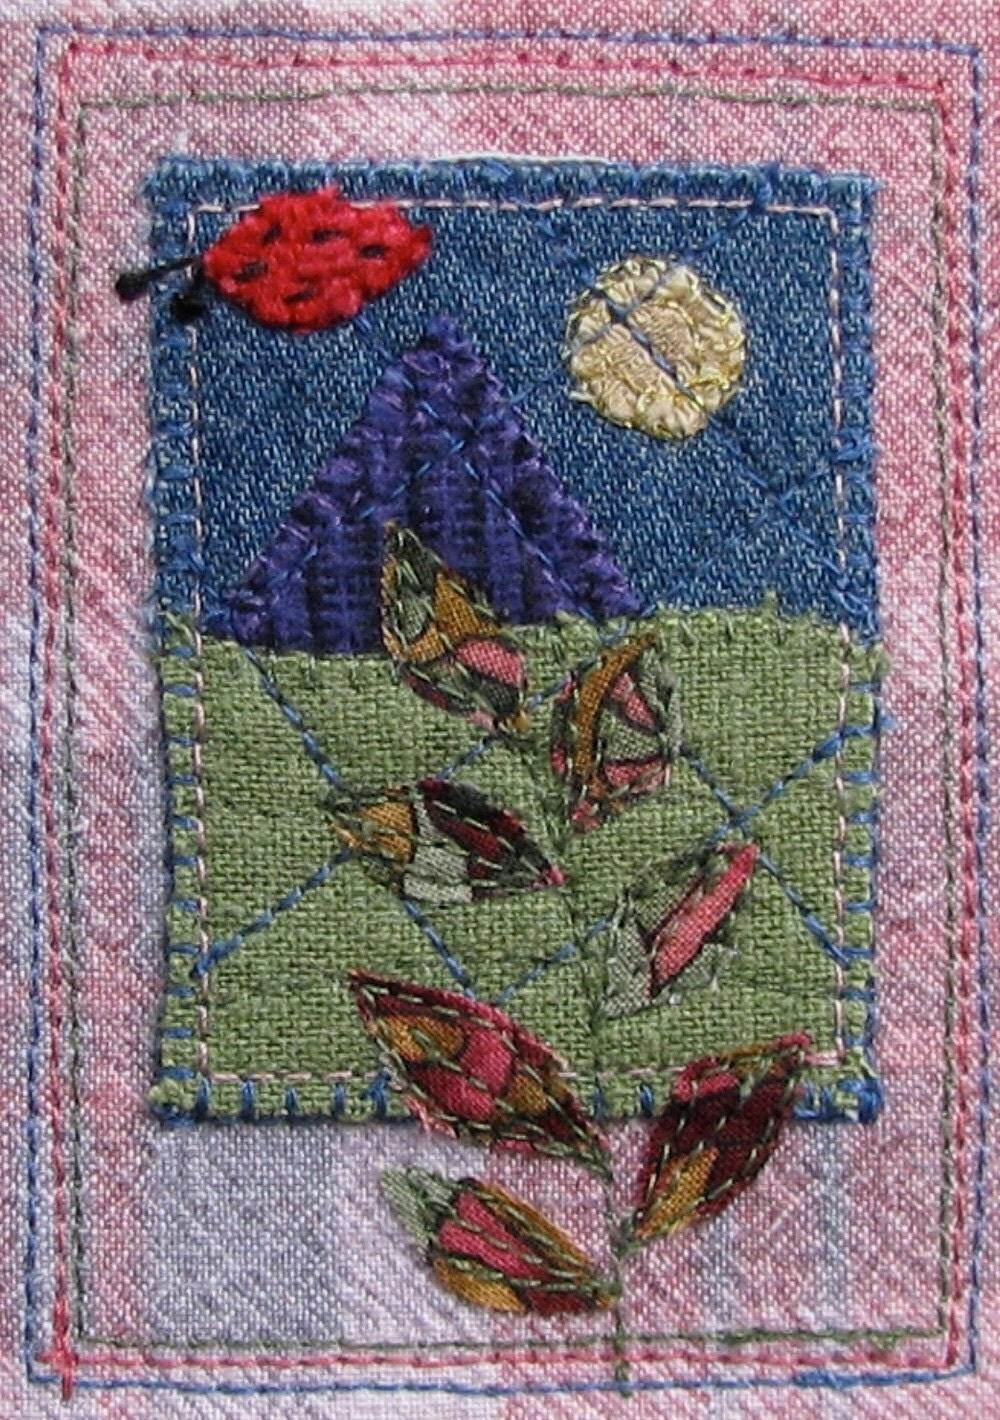 Stitched Ladybug